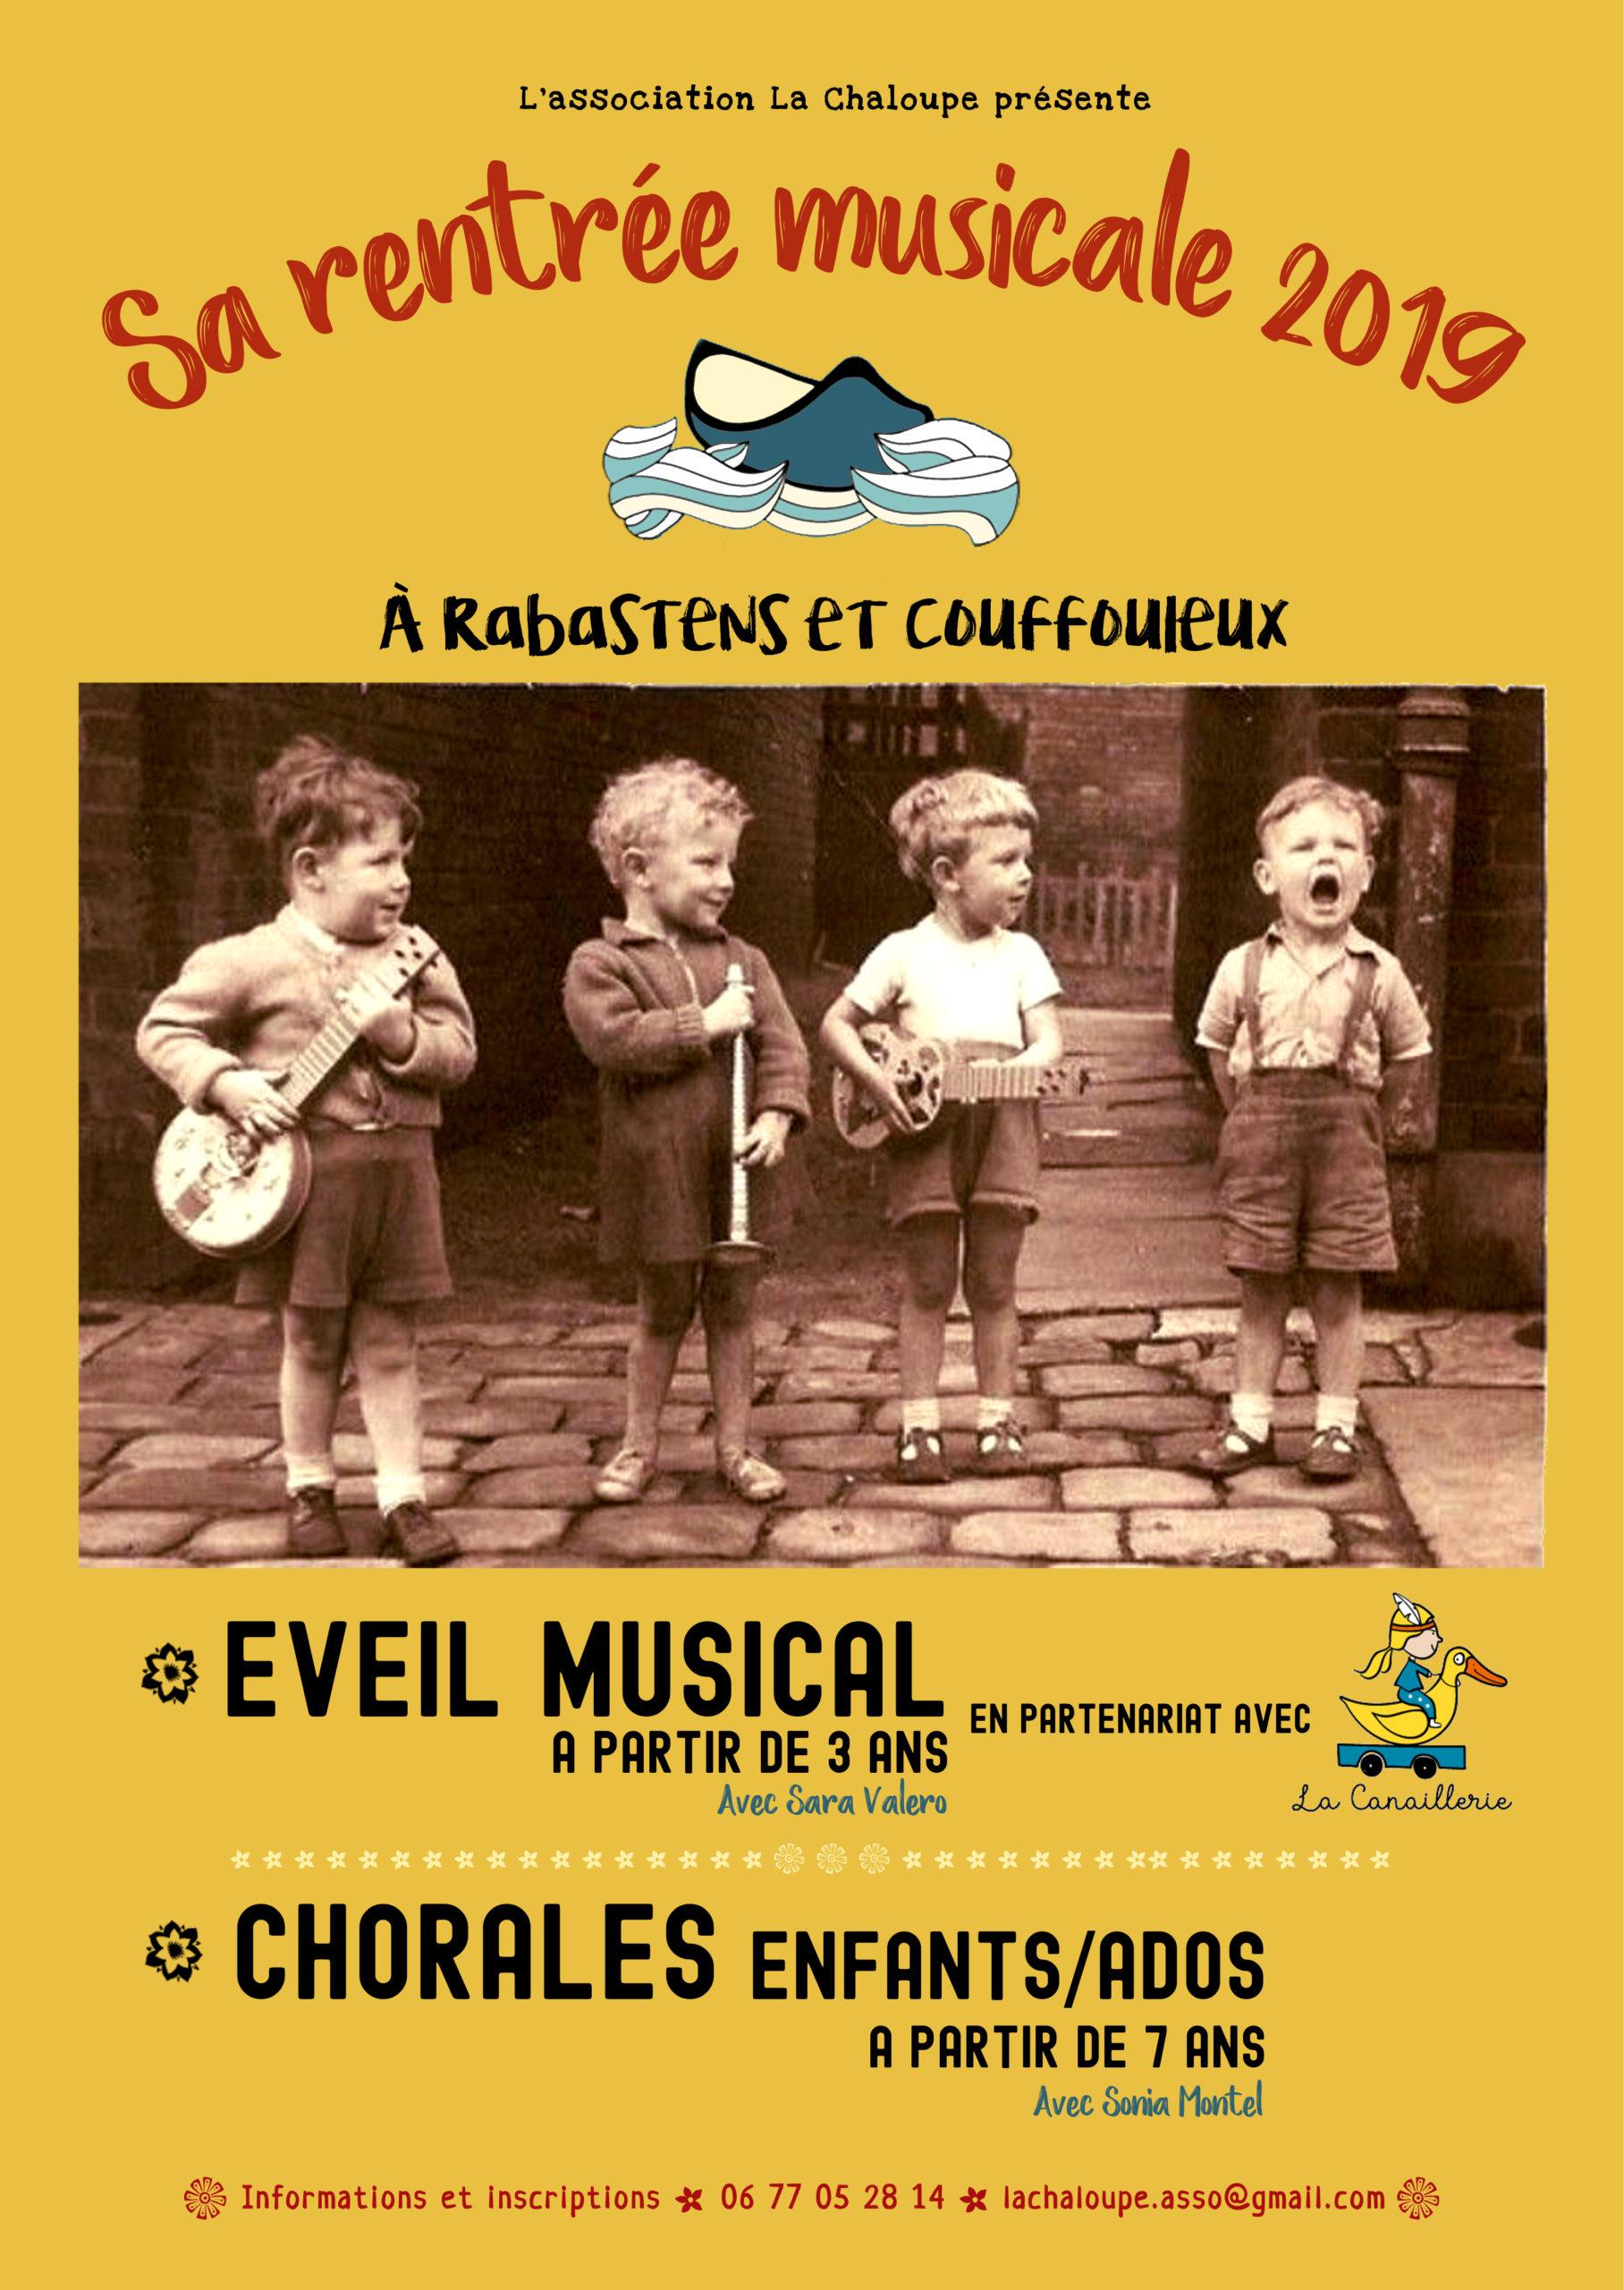 Les mercredis après midi / Atelier eveil musical pour les  enfants de 3 à 8 ans avec Sara Valero – La Chaloupe